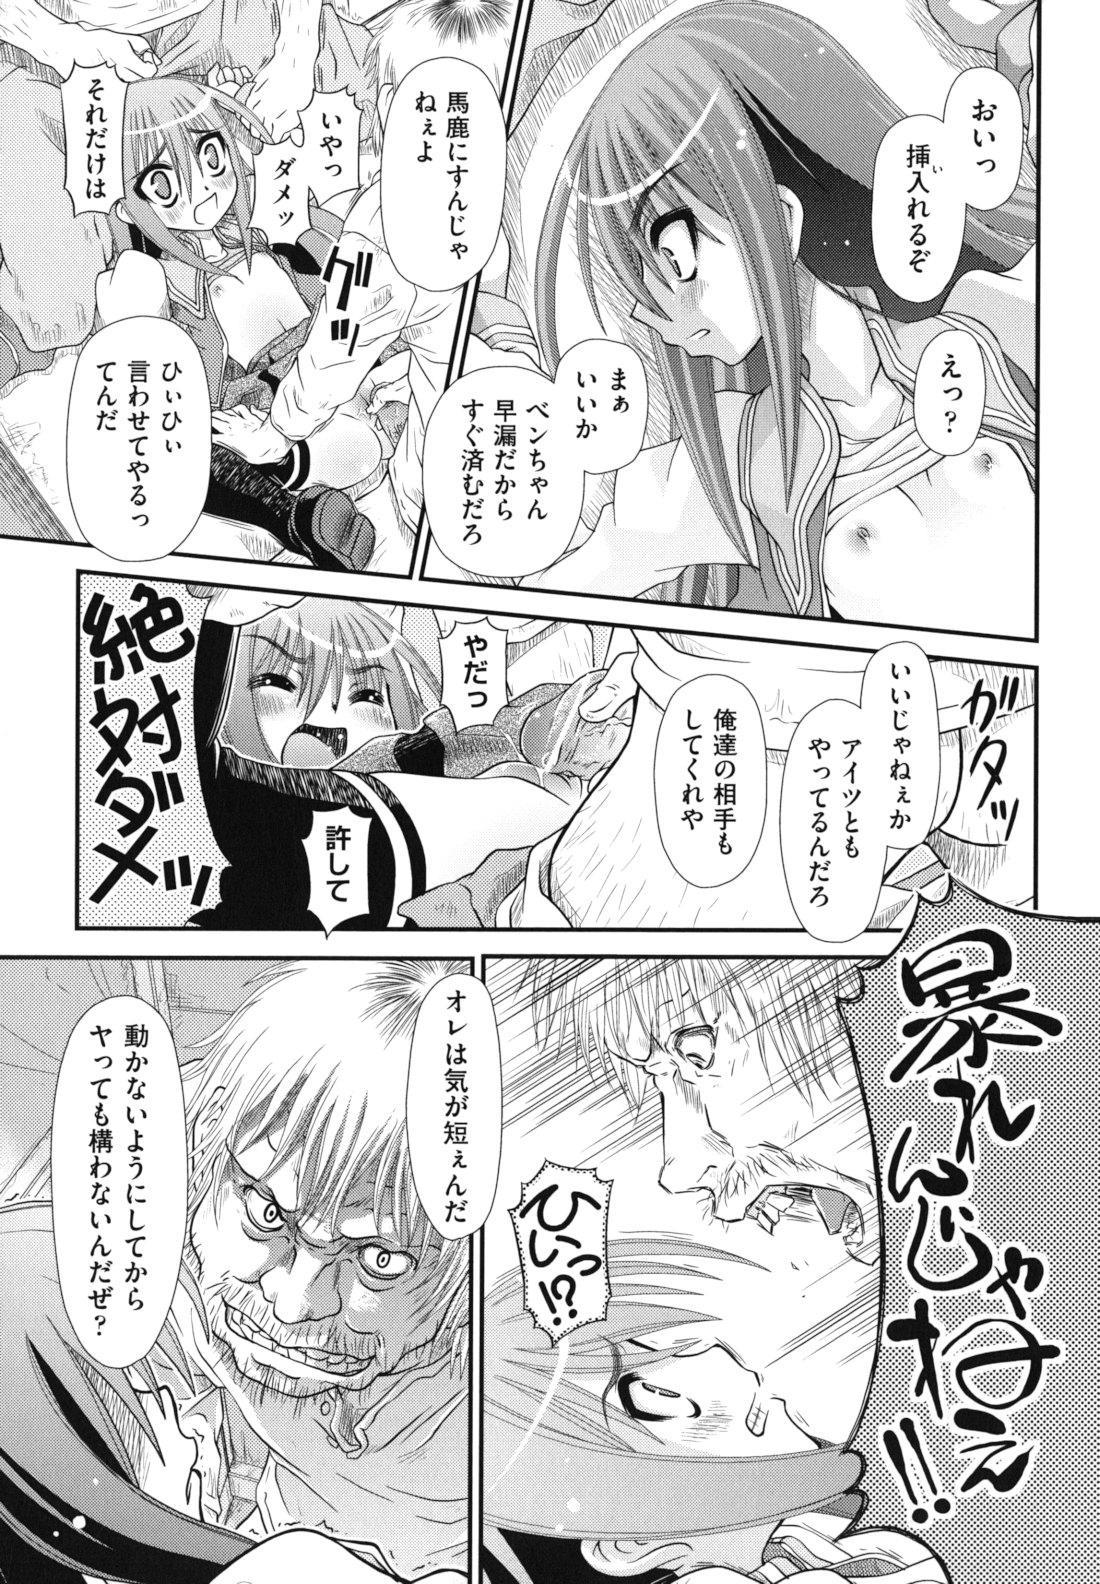 Twintail de Kneesocks no Onnanoko tachi ga Kyakkya de Ufufu♥ 151